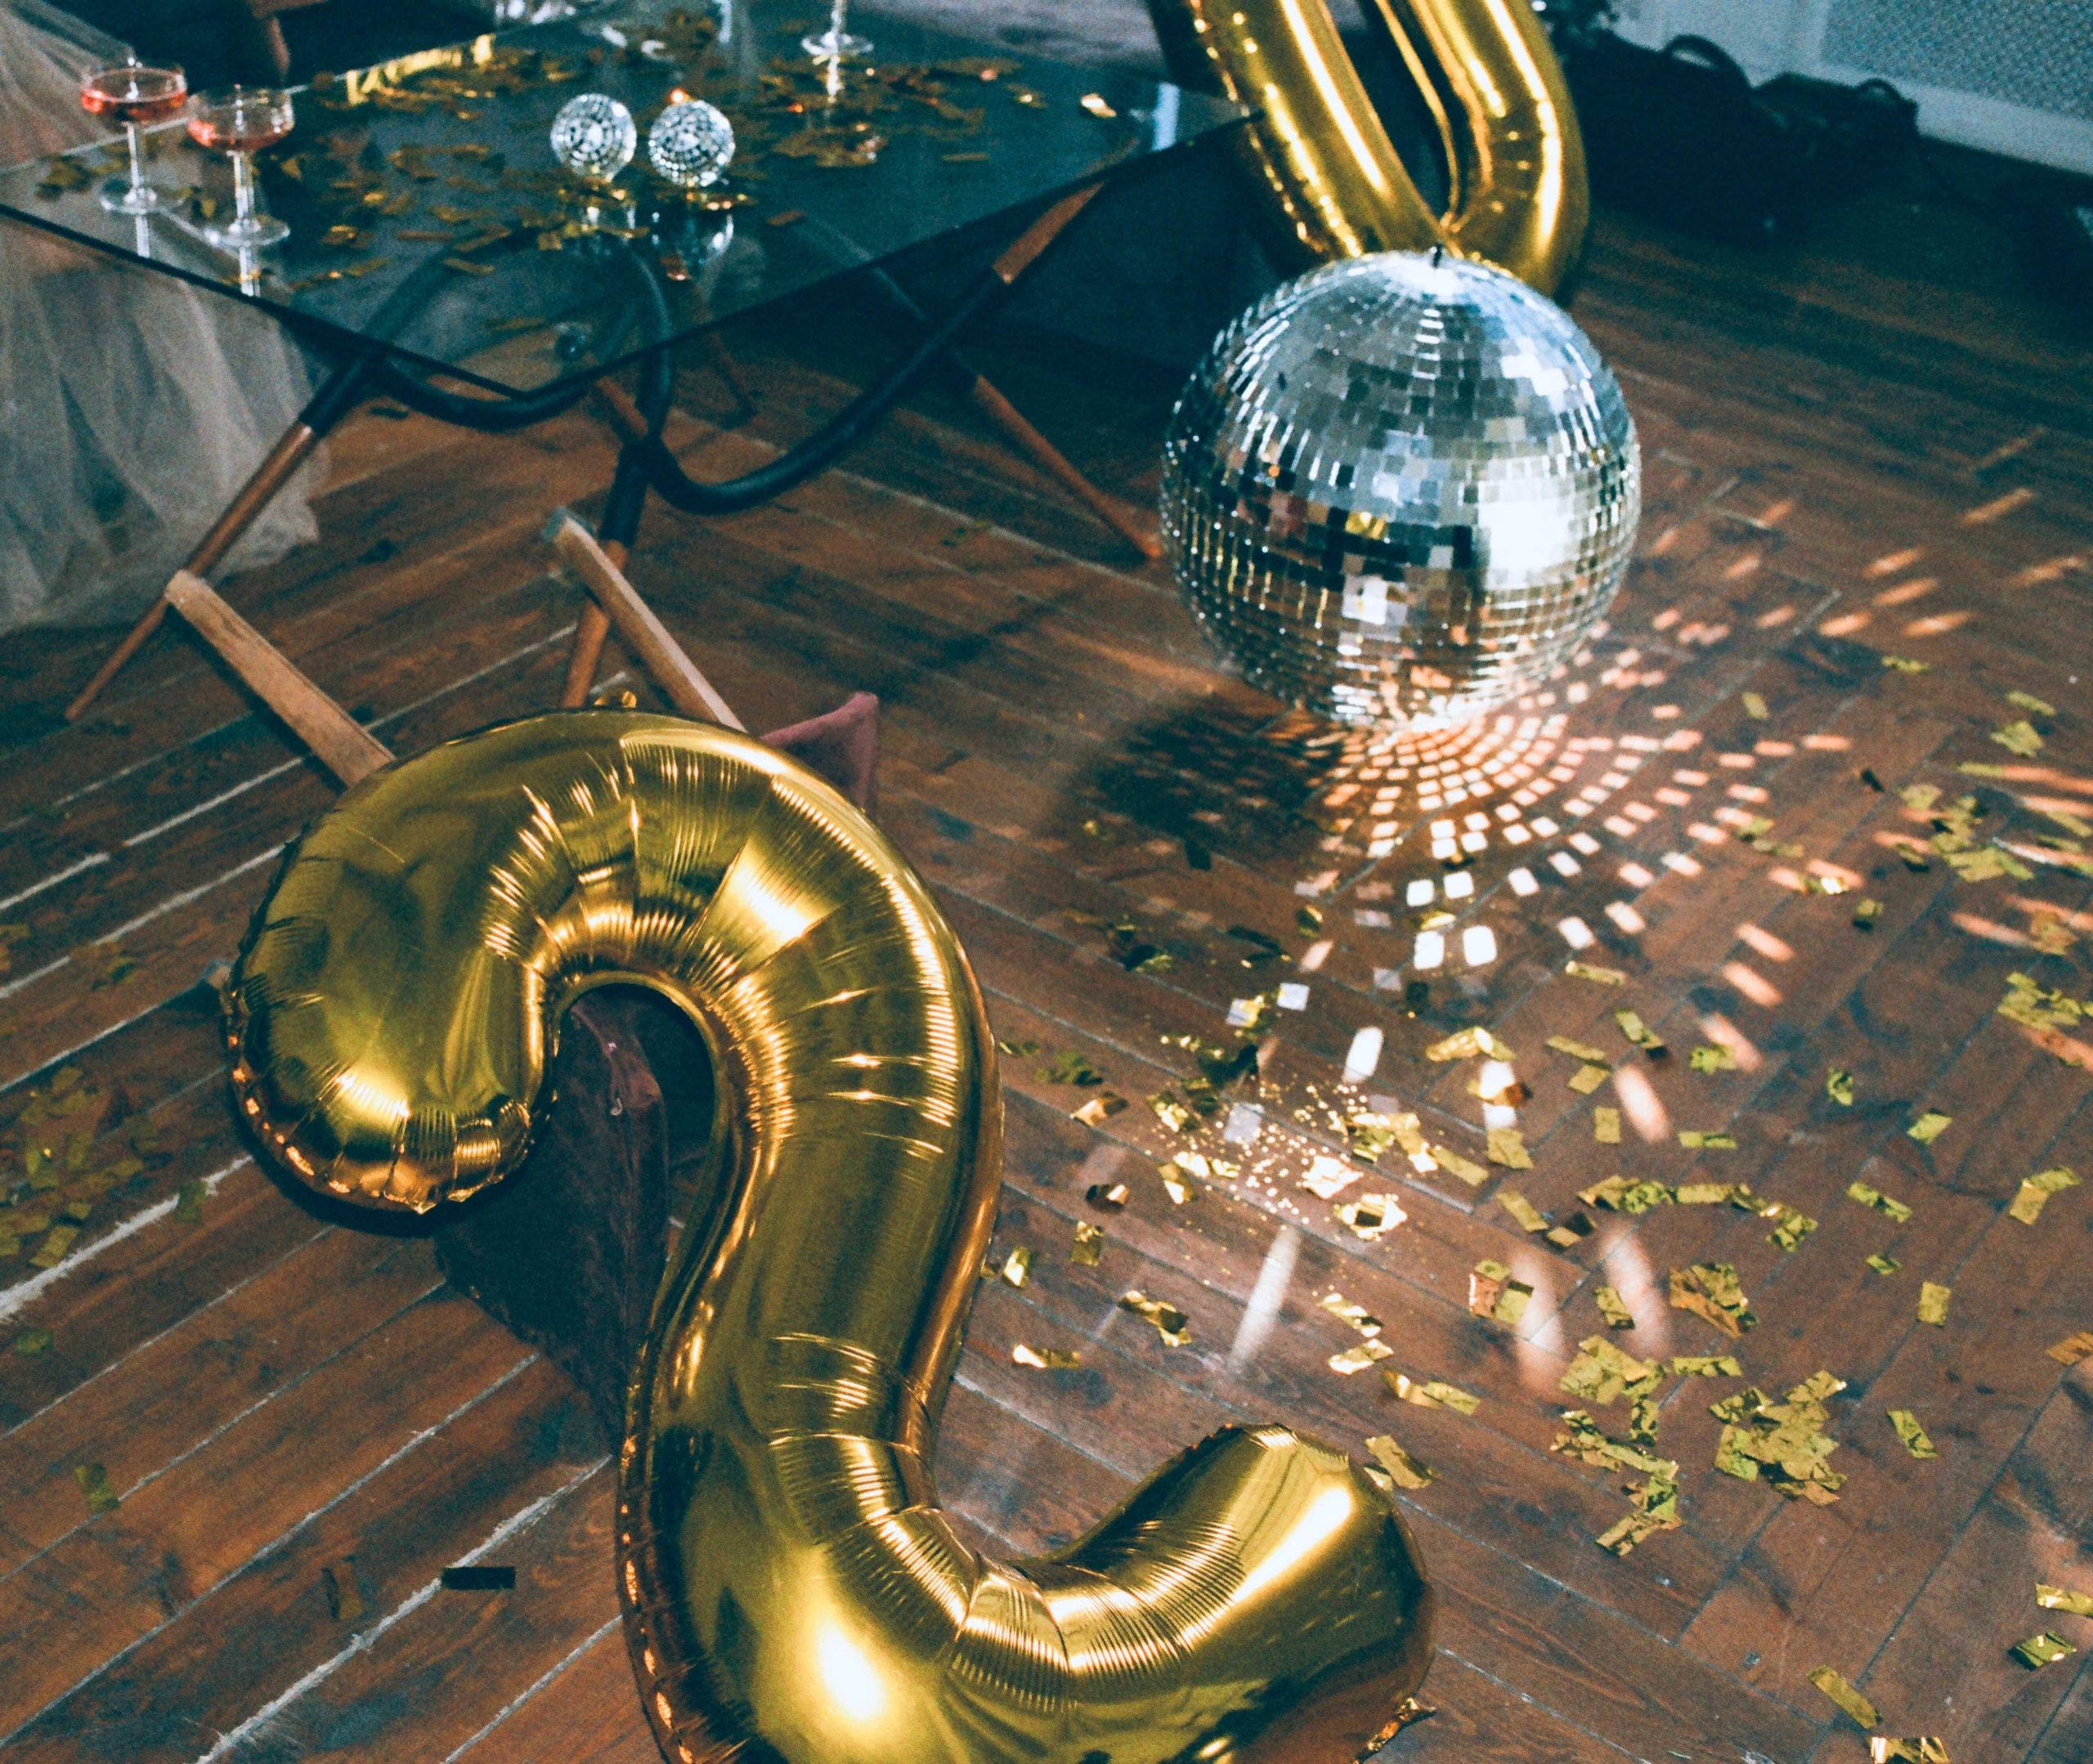 Na drewnianej podłodze leży złoty balon, a obok niego kula dyskotekowa.